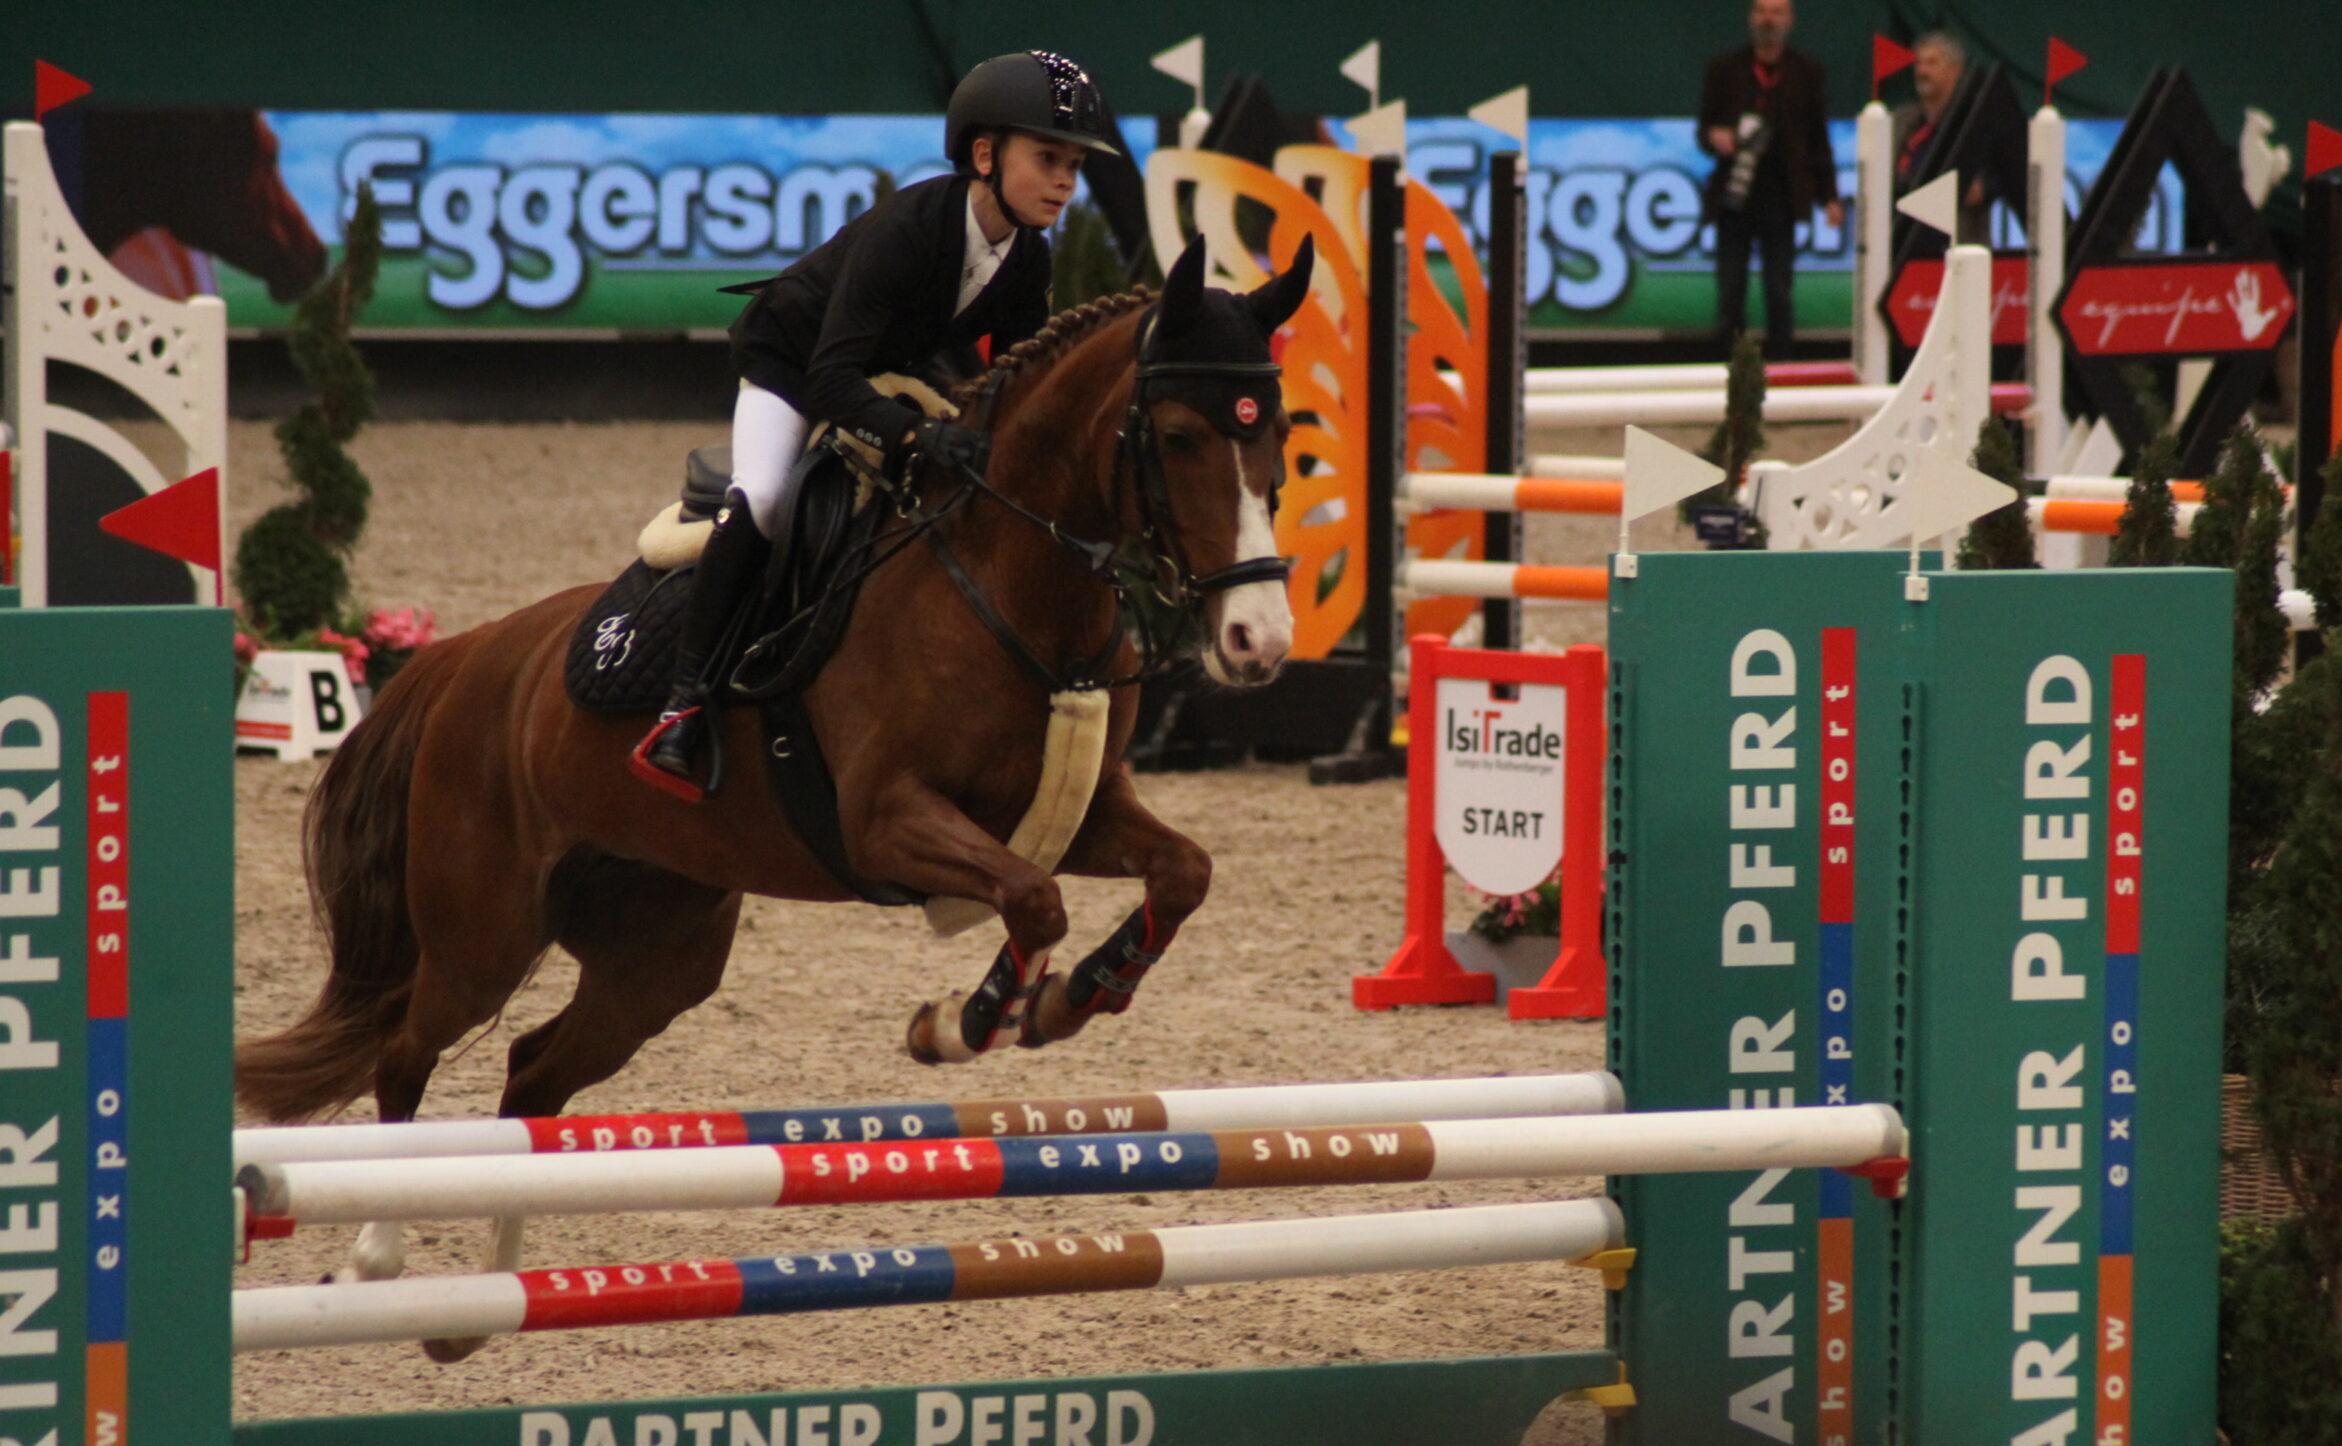 Ein junger Springreiter meistert mit seinem Pferd ein Hindernis. Das Pferd befindet sich mitten im Flug, Foto: Kati Lomb.